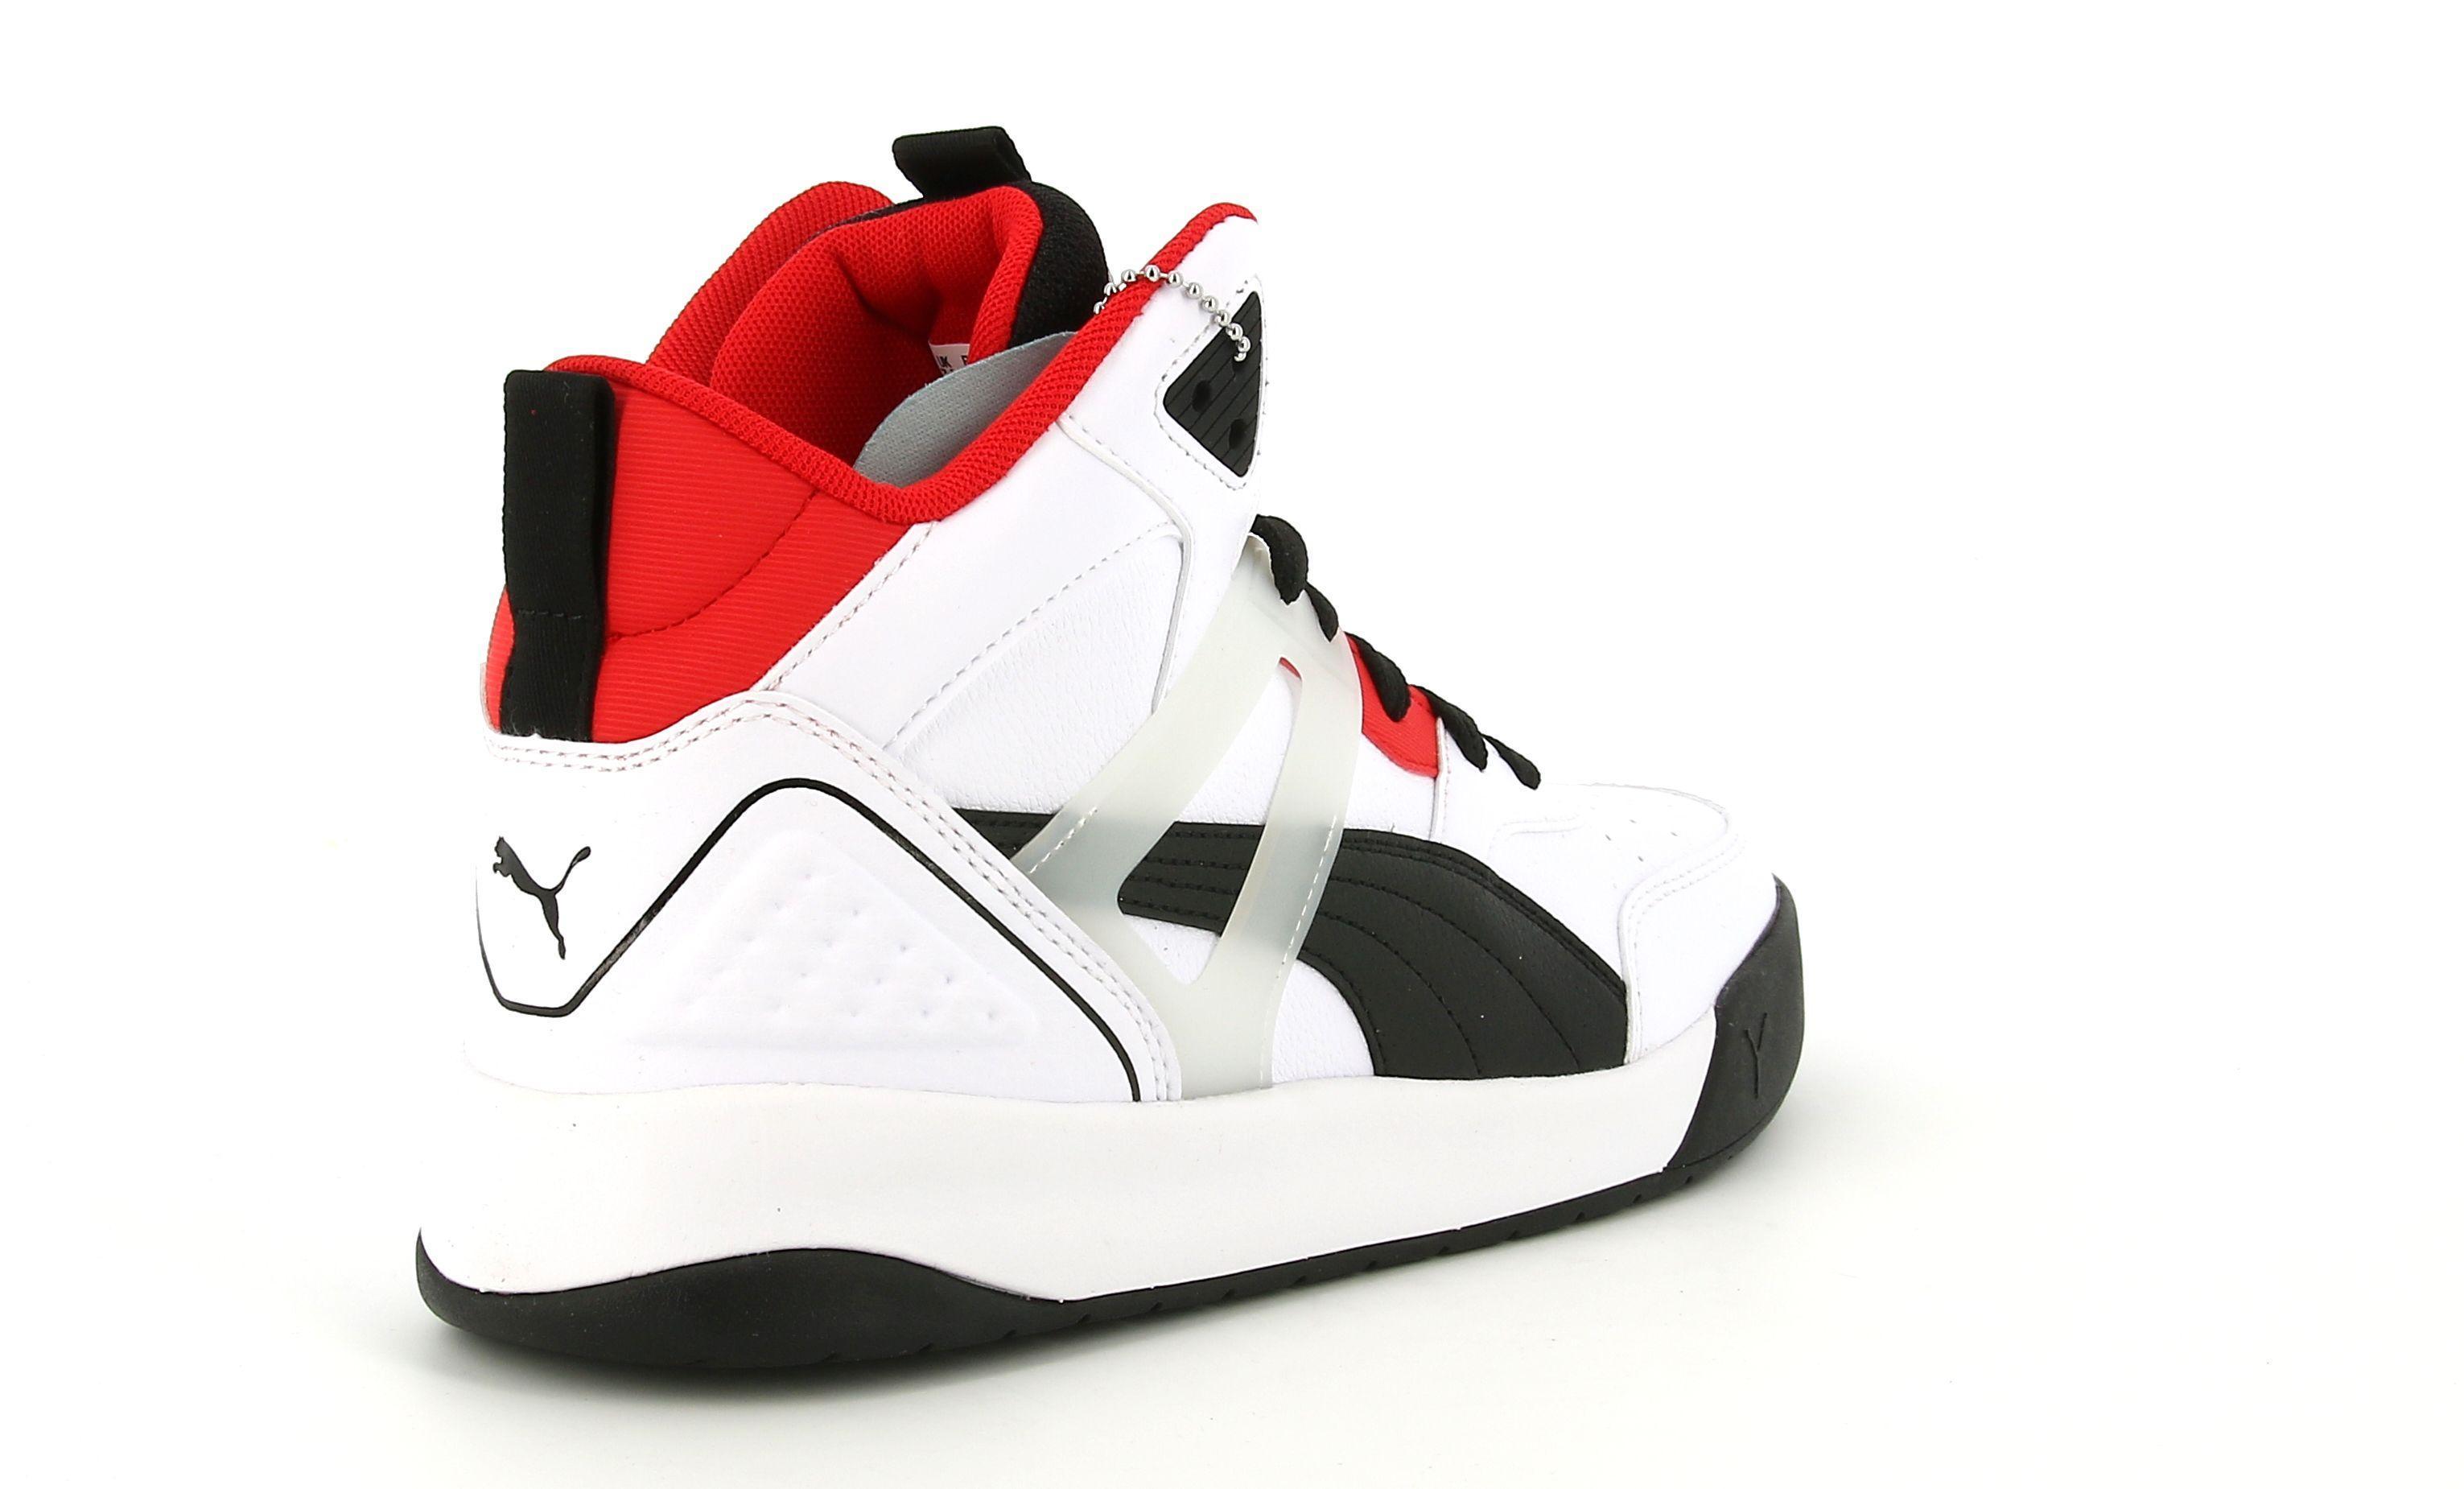 puma puma  374139 001 backcourt mid sneaker alta da uomo bianca